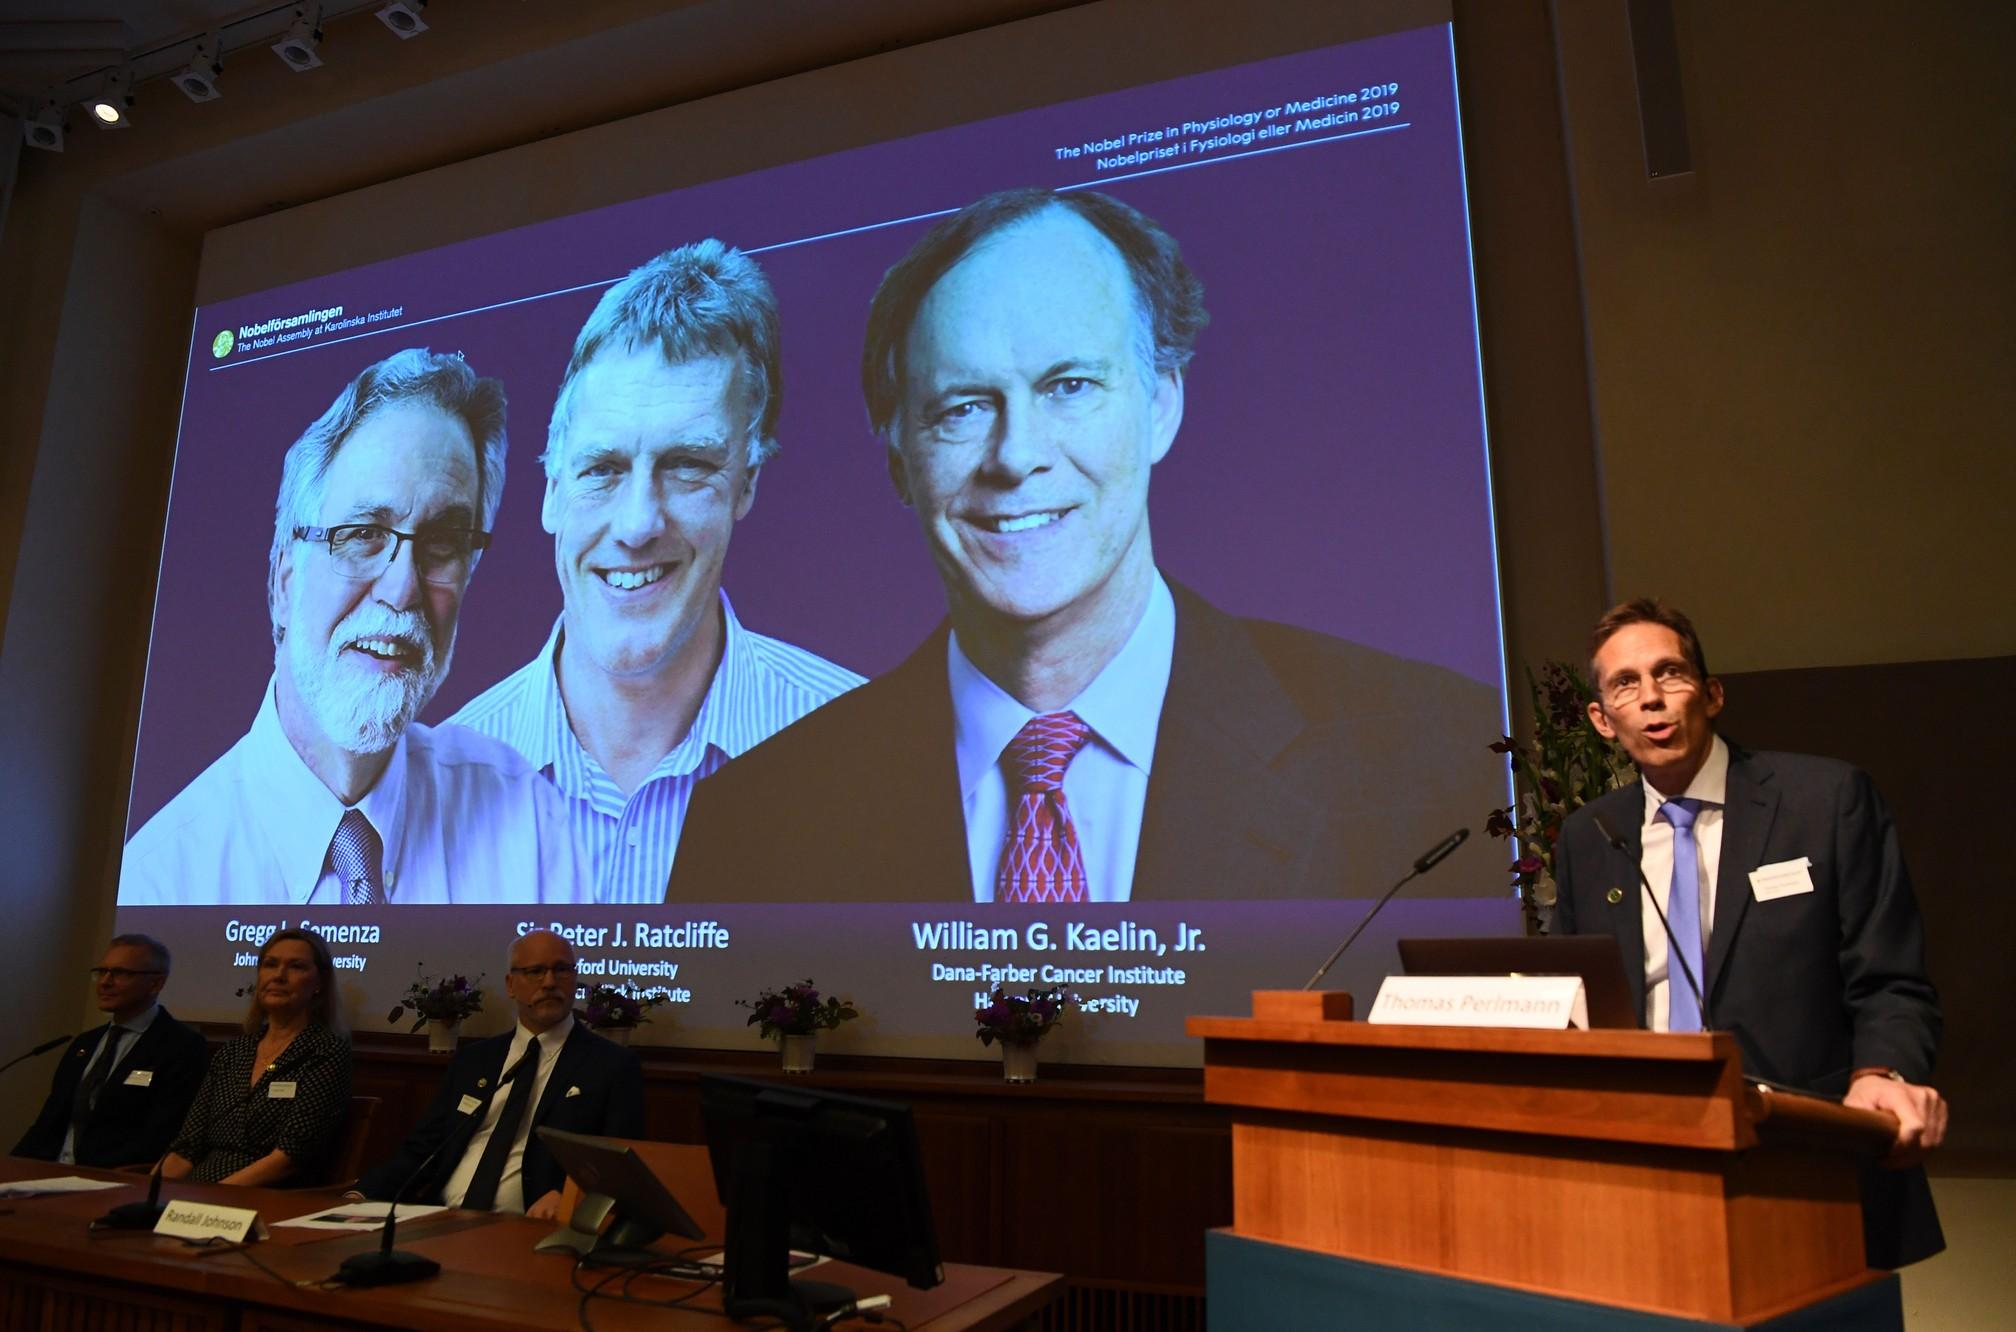 Estudo sobre adaptação das células ao oxigênio leva o Nobel de Medicina de 2019